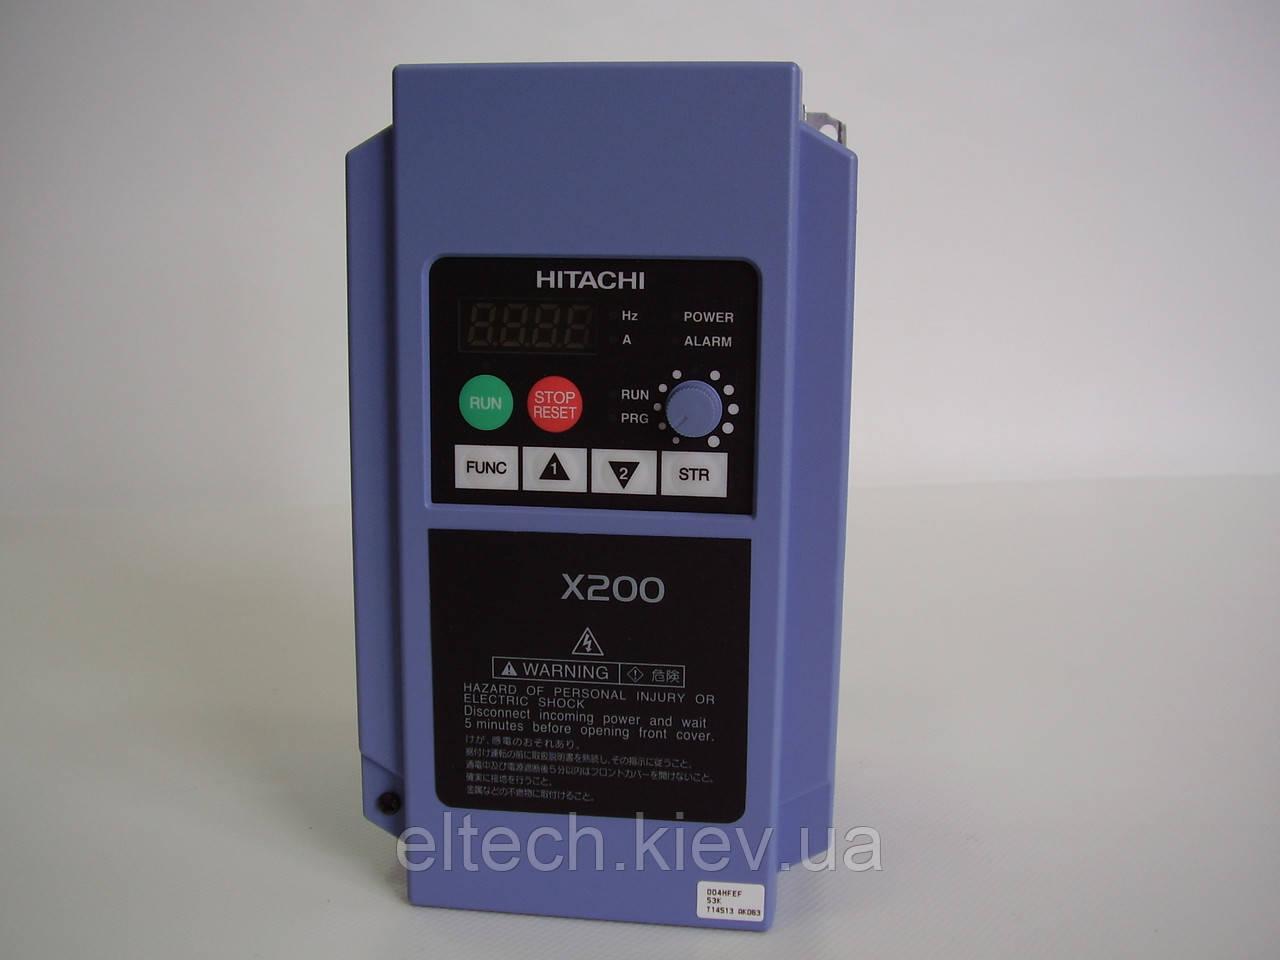 Трехфазный преобразователь частоты Hitachi X200-004HFEF, 0.4кВт, 380В